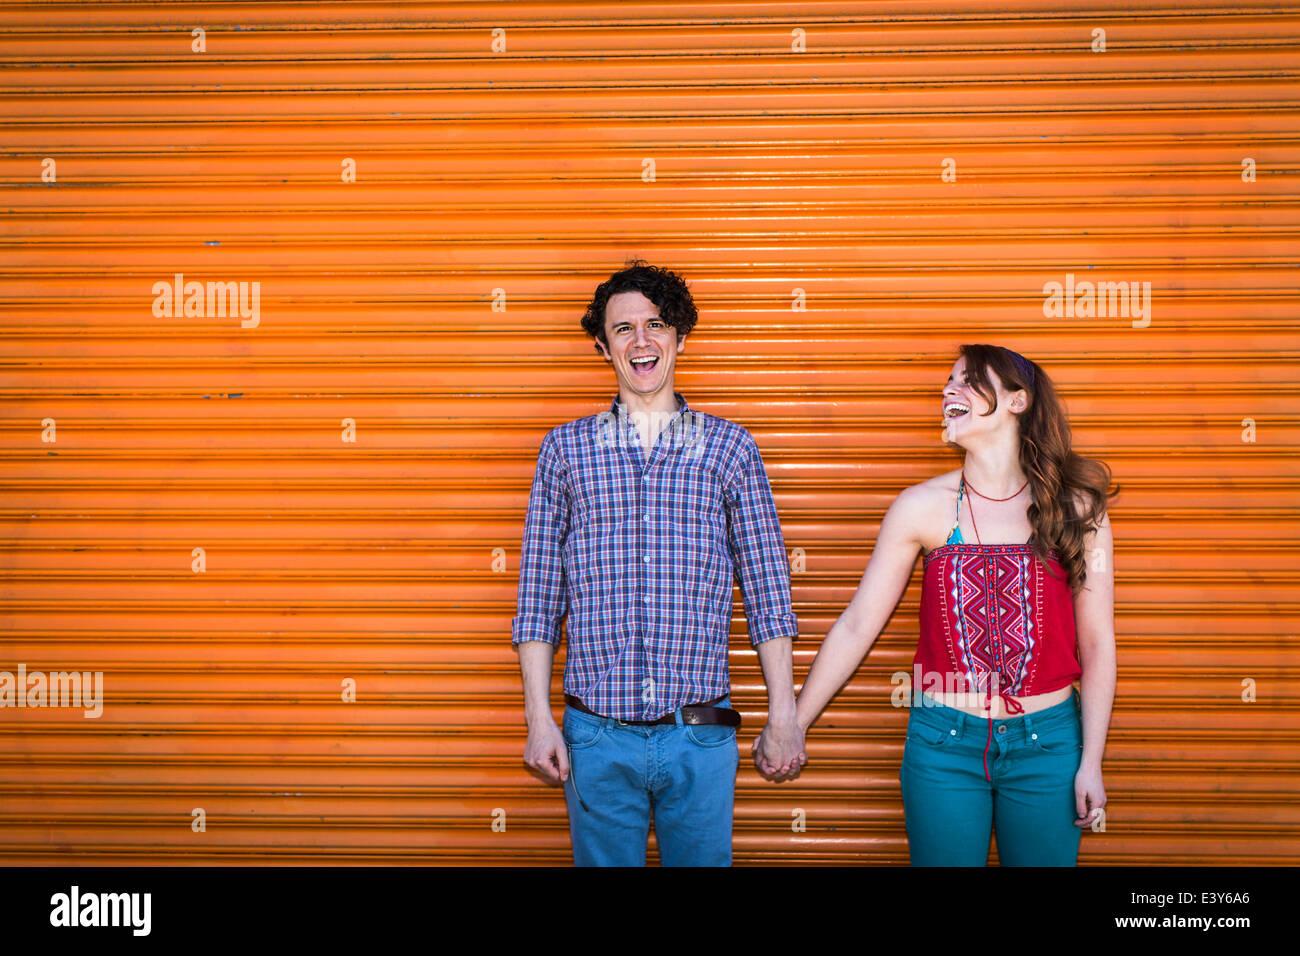 Portrait de couple à l'avant de l'obturateur d'orange Photo Stock